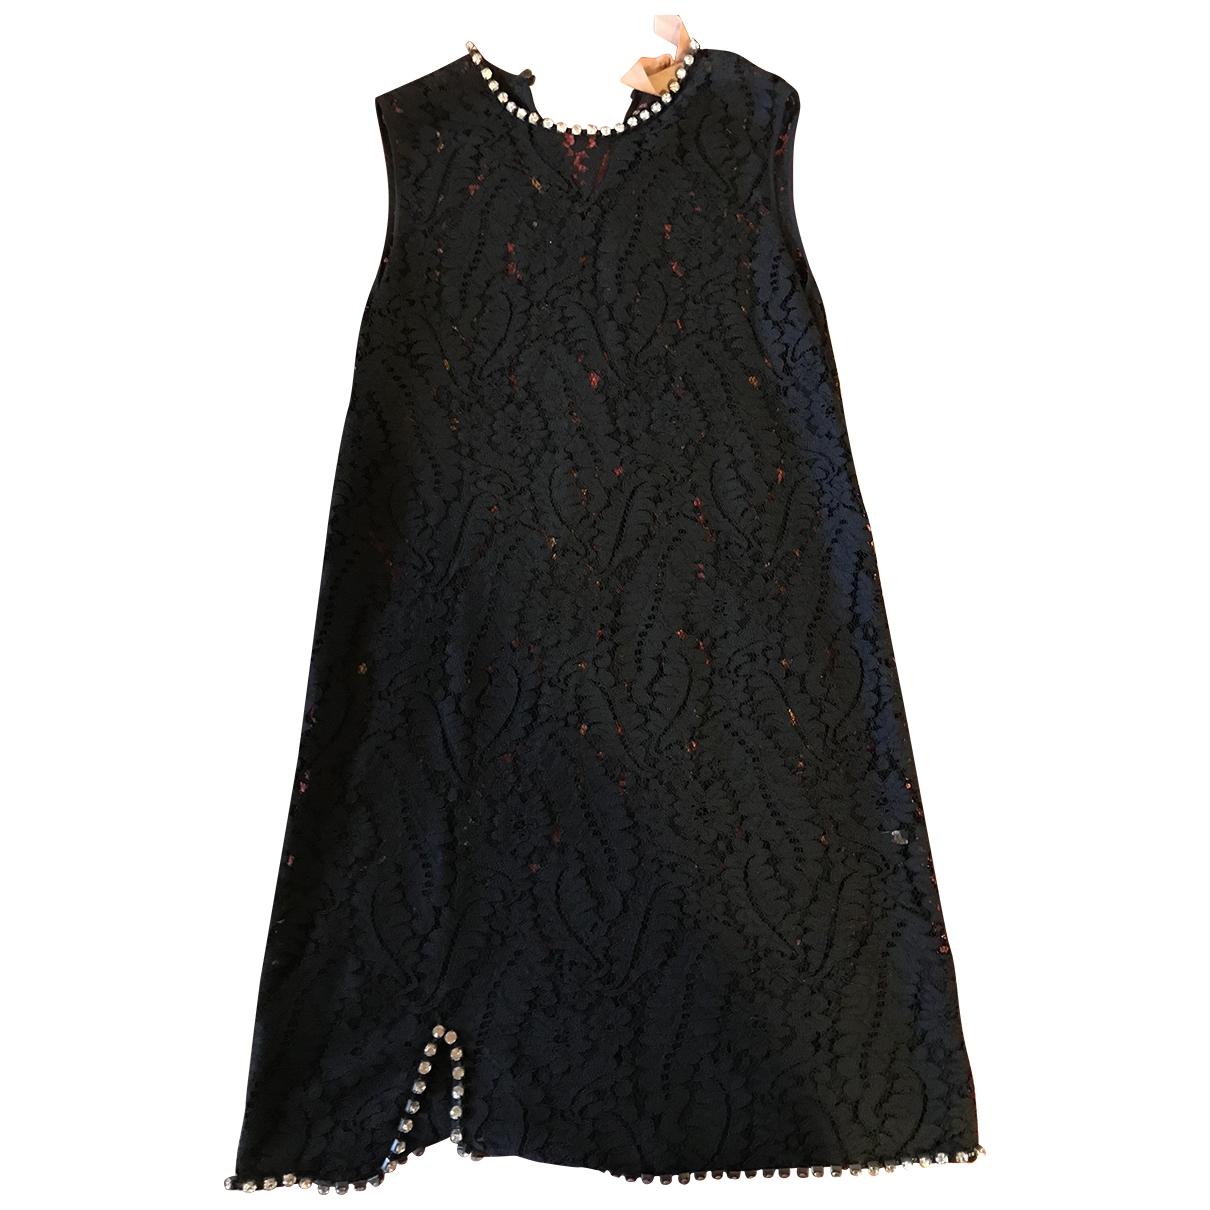 N°21 \N Black Lace dress for Women 42 IT